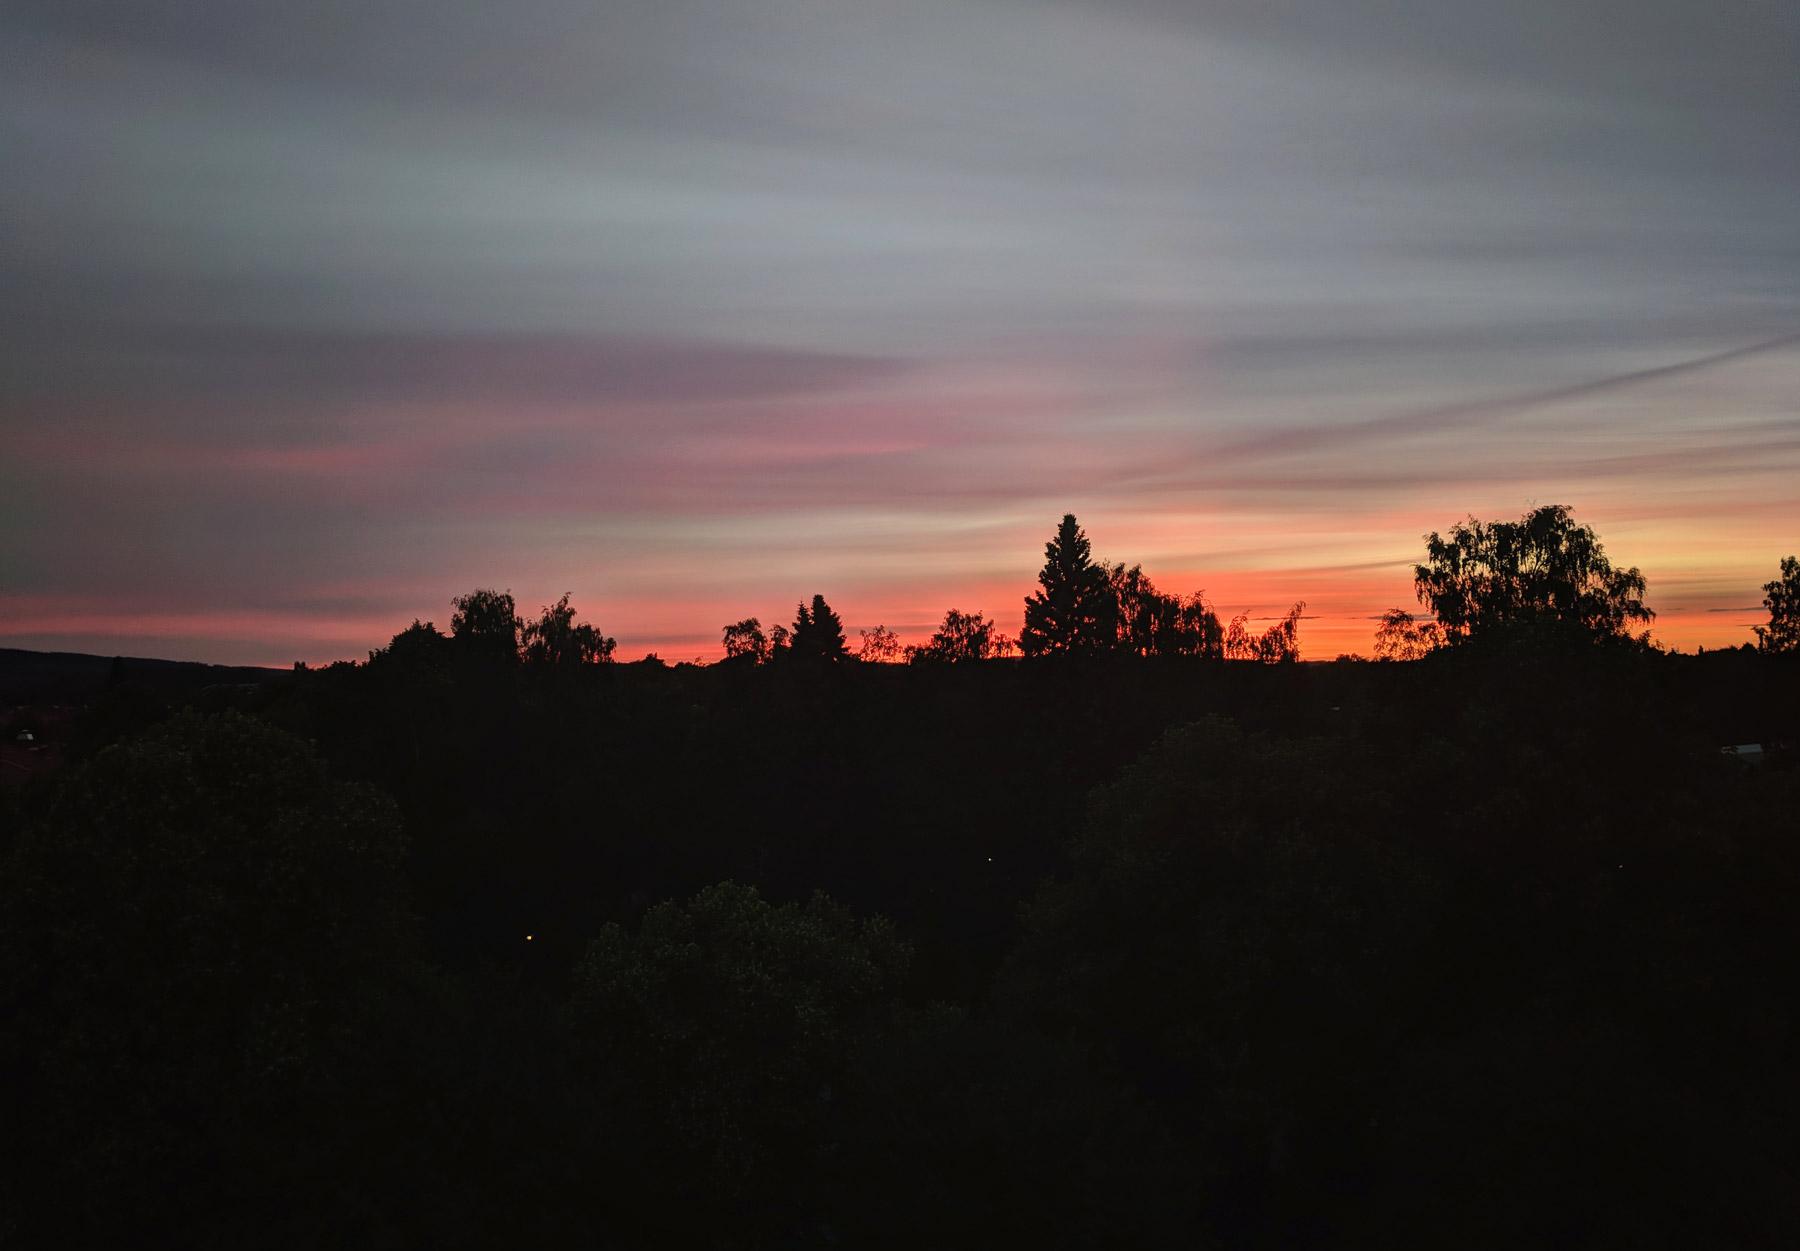 Pink and orange sky